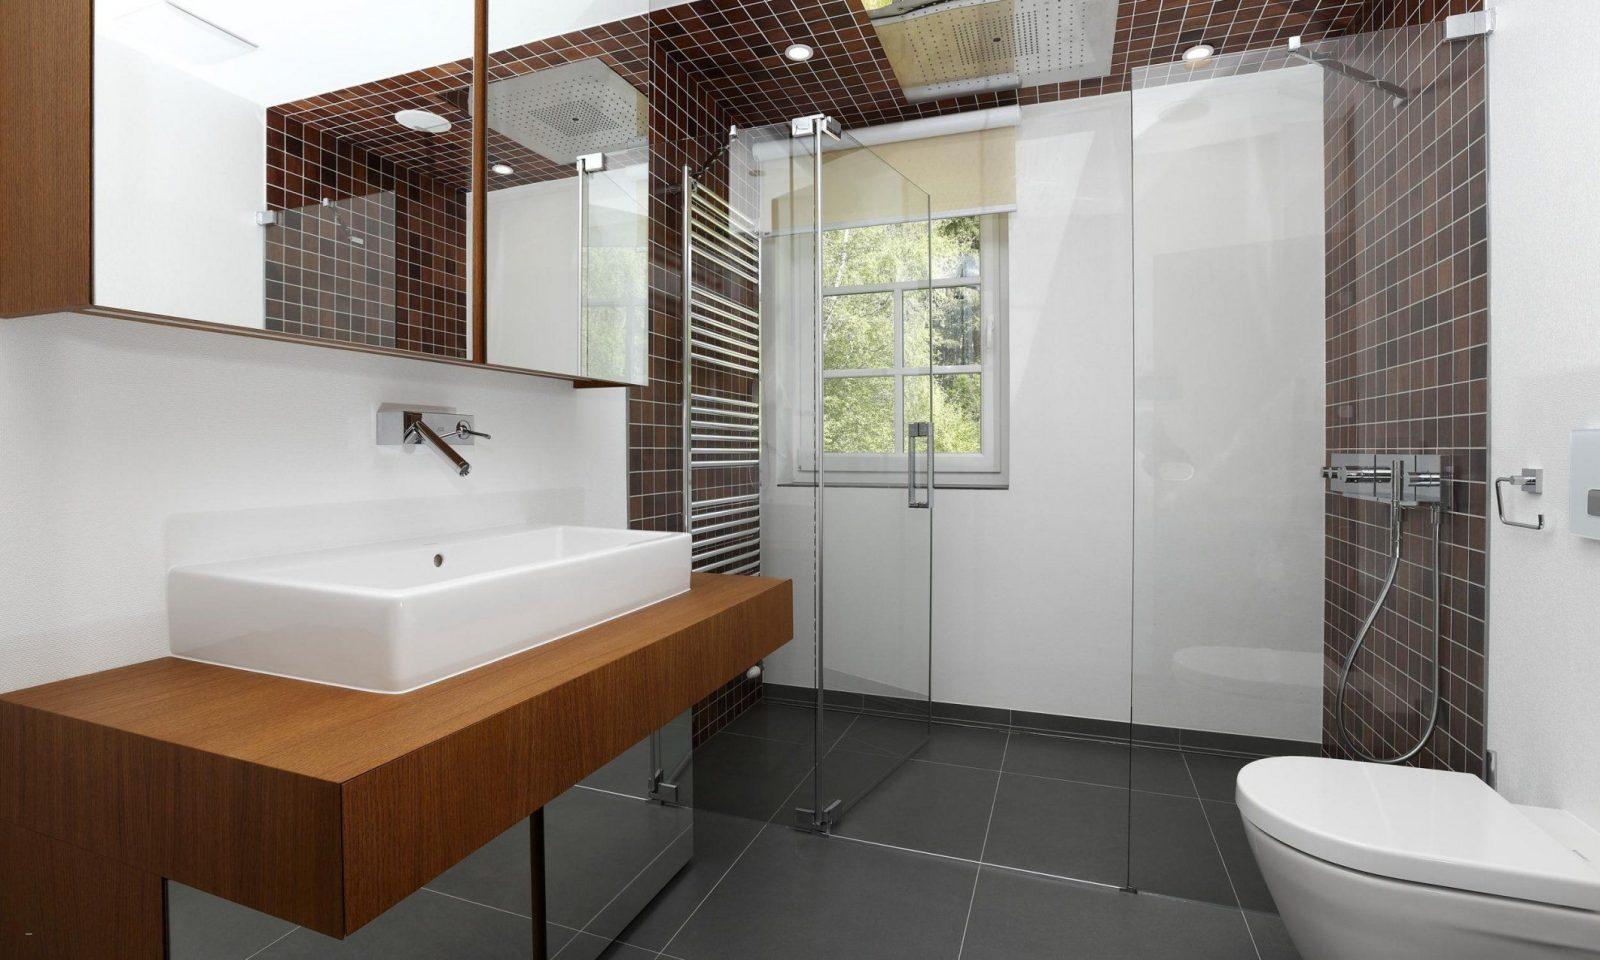 Modernes Badezimmer Ohne Fliesen Schön Haus Design Ideen von Modernes Badezimmer Ohne Fliesen Bild